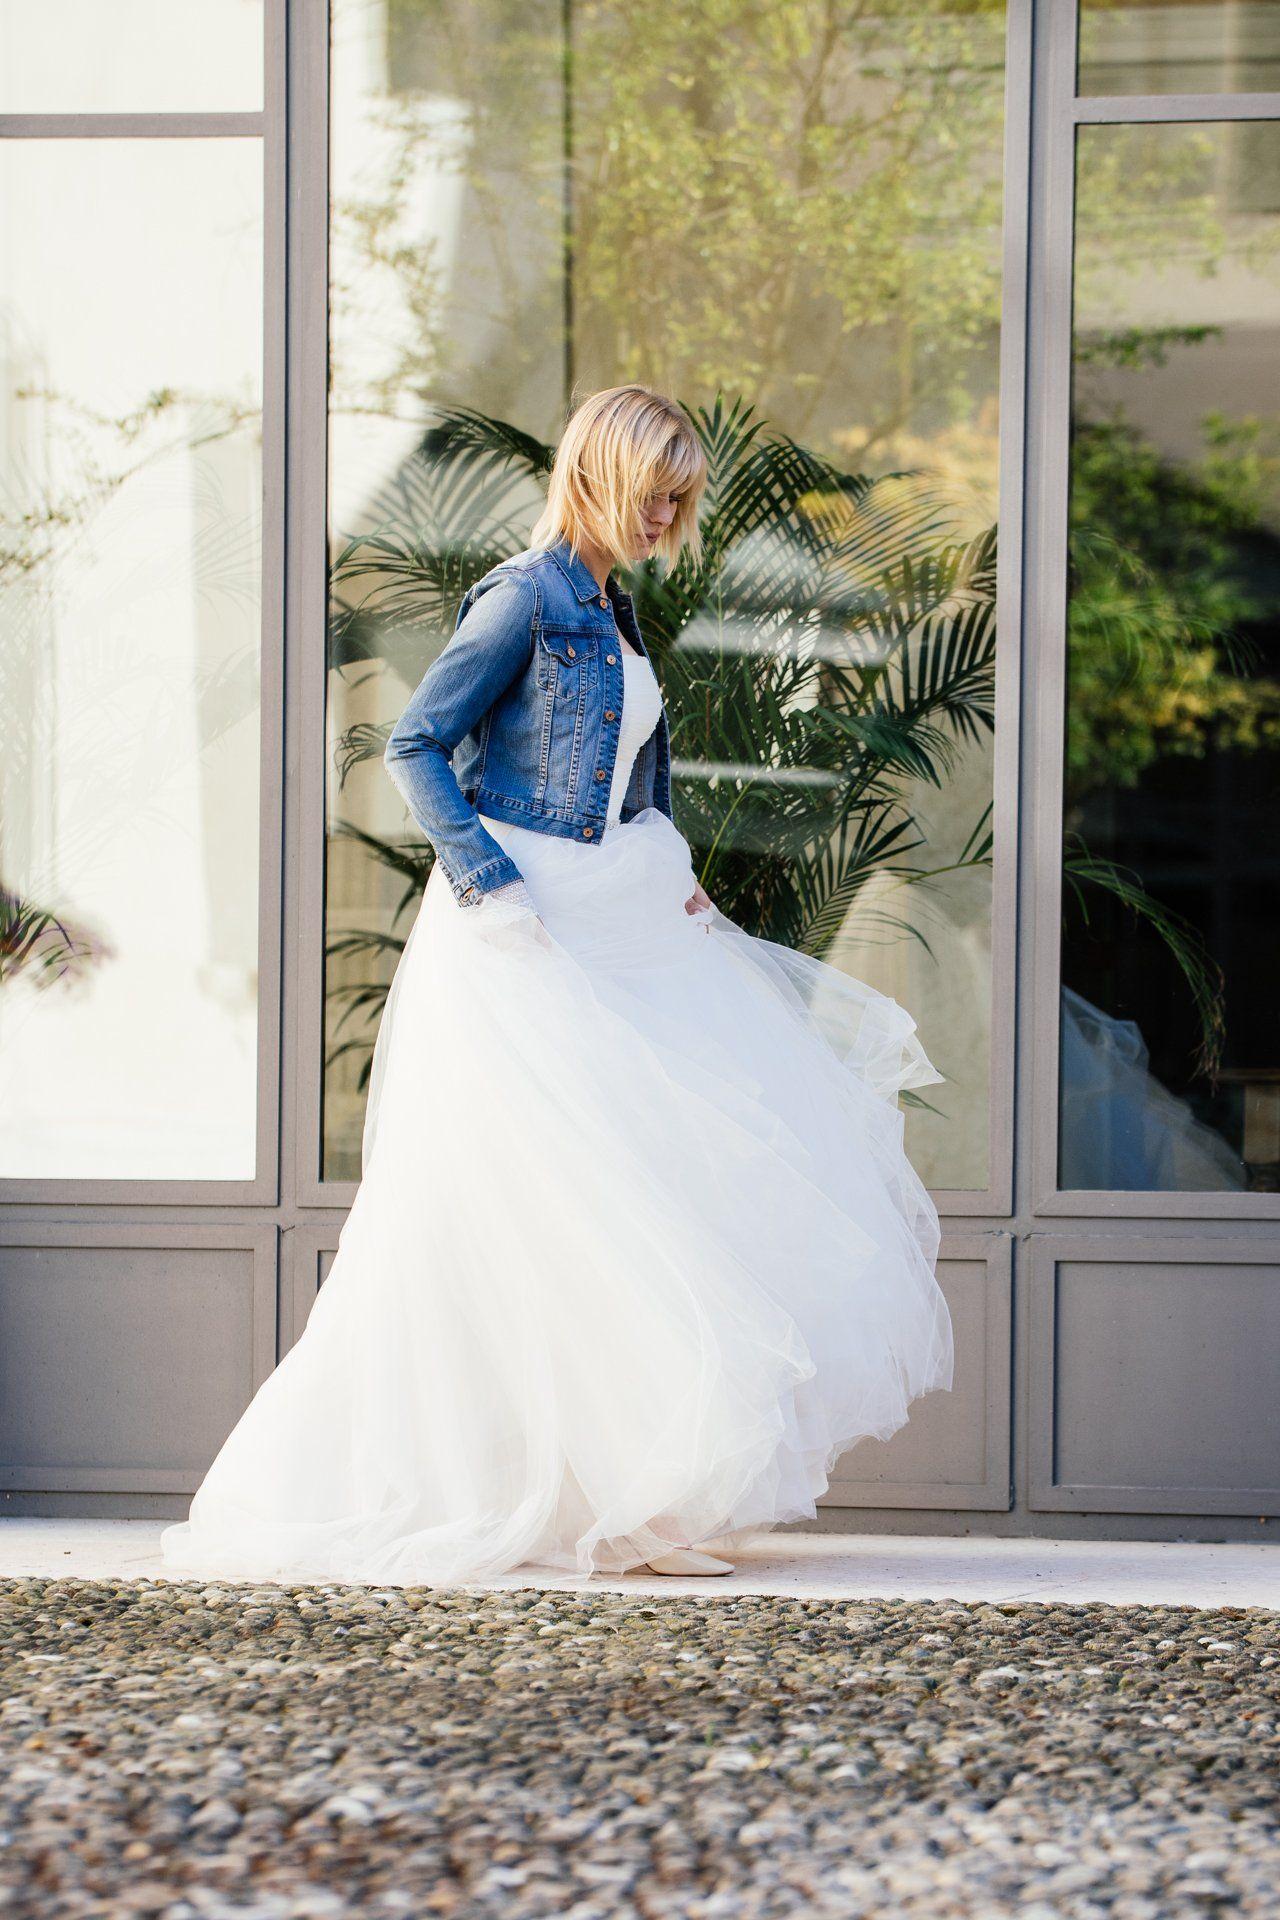 Prinzessinnen Hochzeitskleid mit Jeansjacke - diese Kombi lieben wir ...